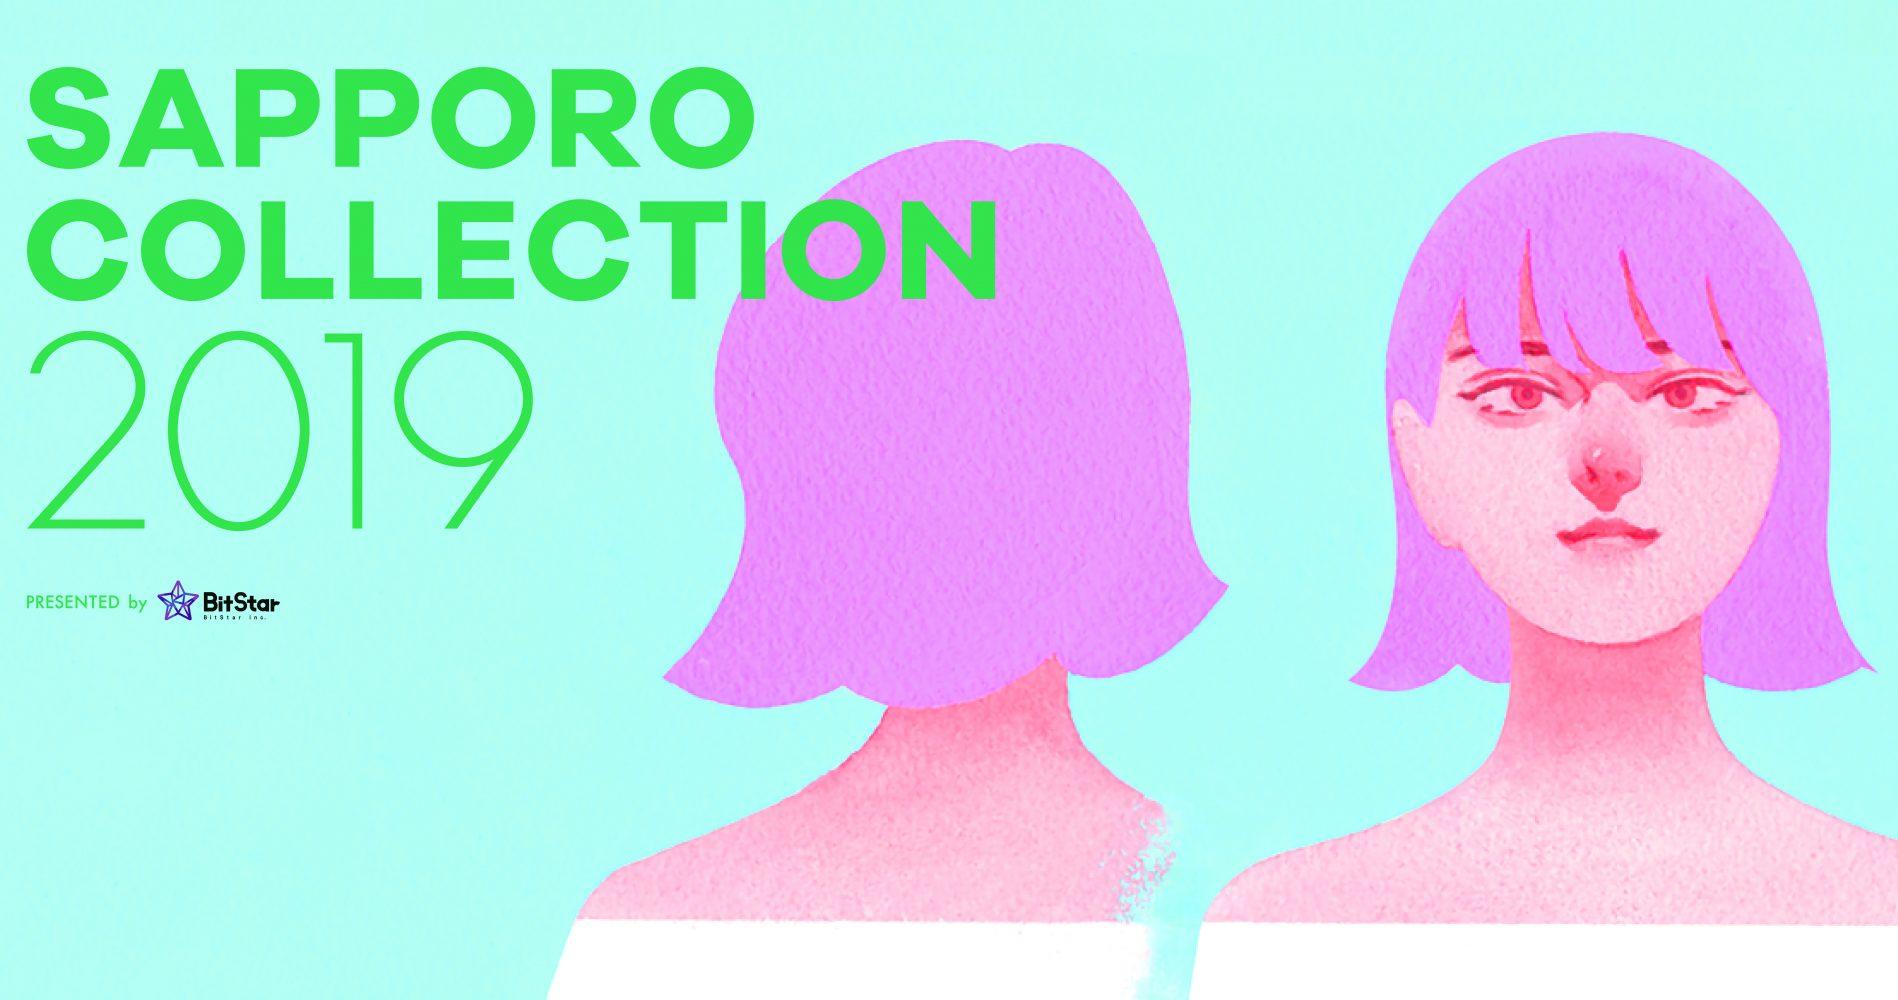 SAPPORO COLLECTION 2019